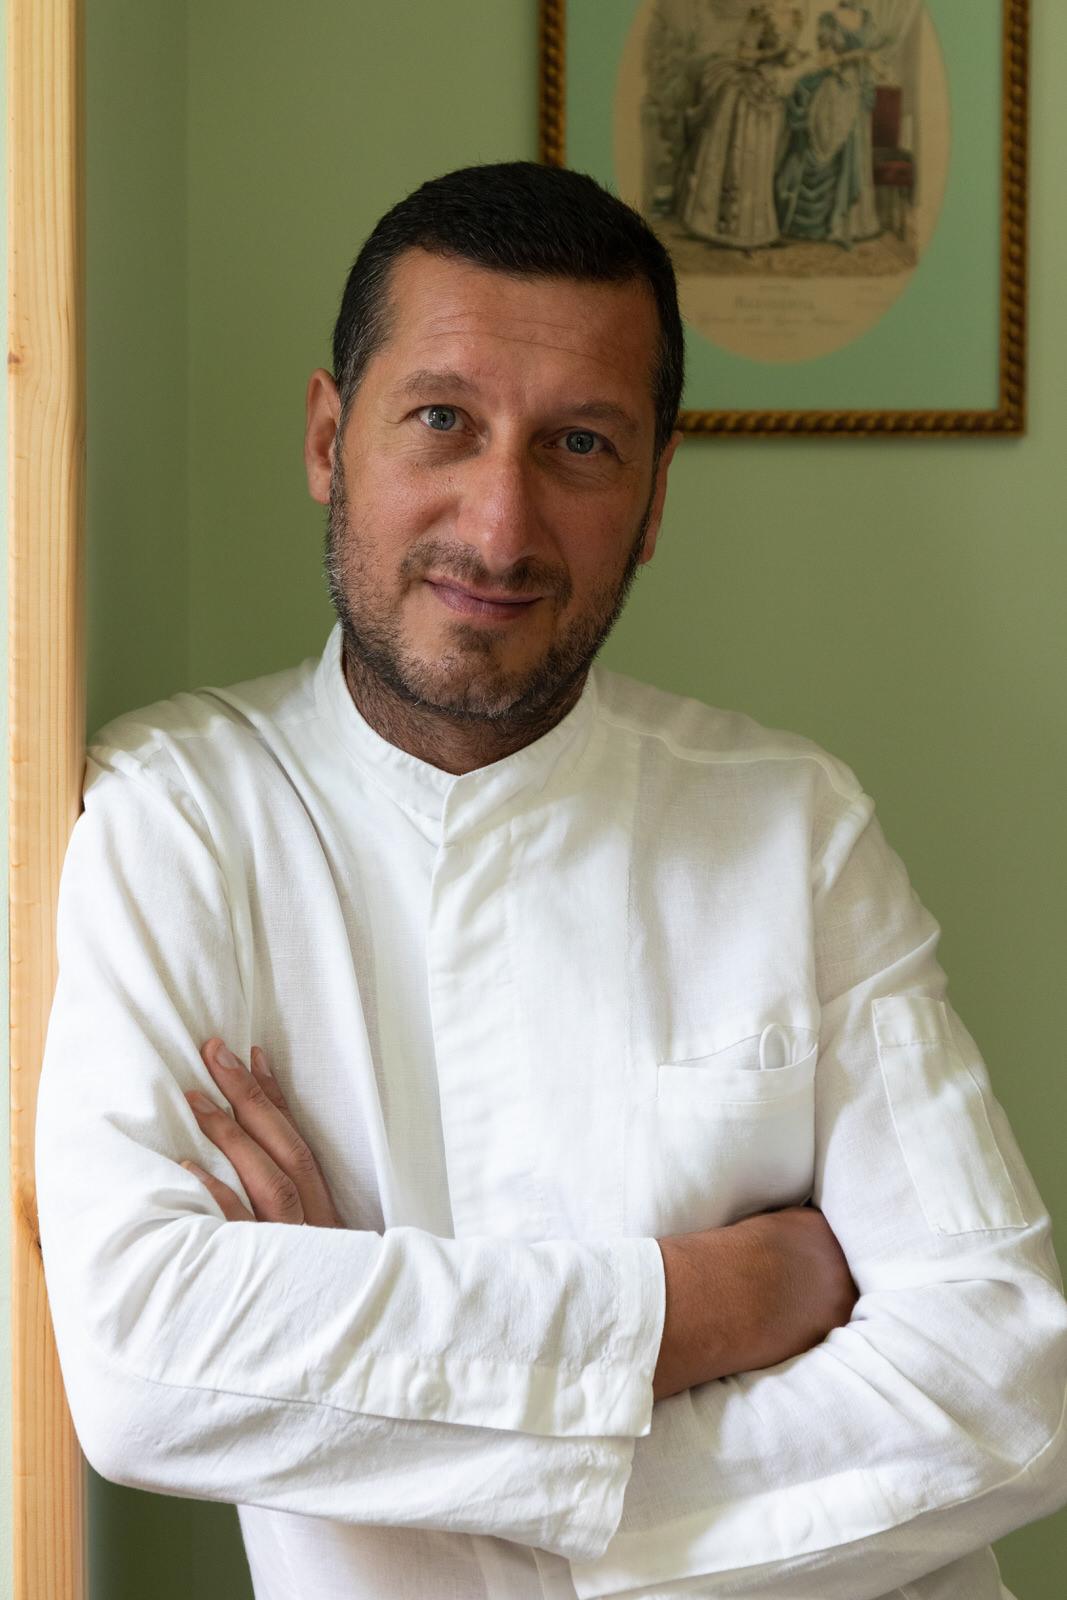 Chef Antonio Cicero